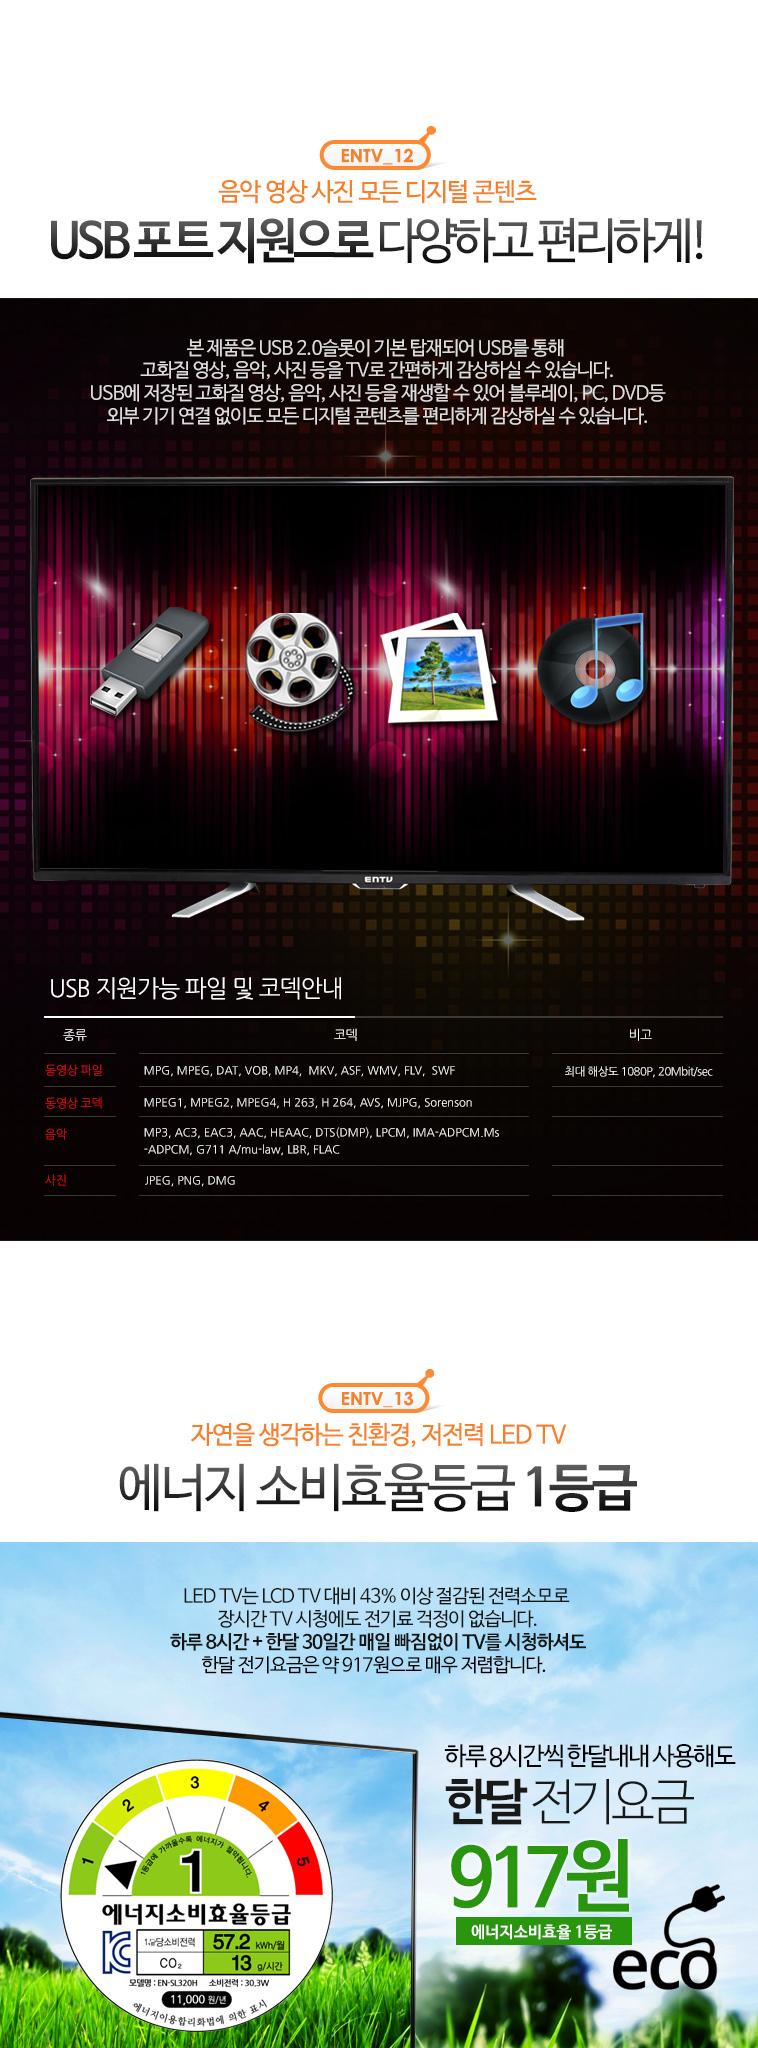 [즉시할인] 이엔티비 32인치 HD TV - 상세정보